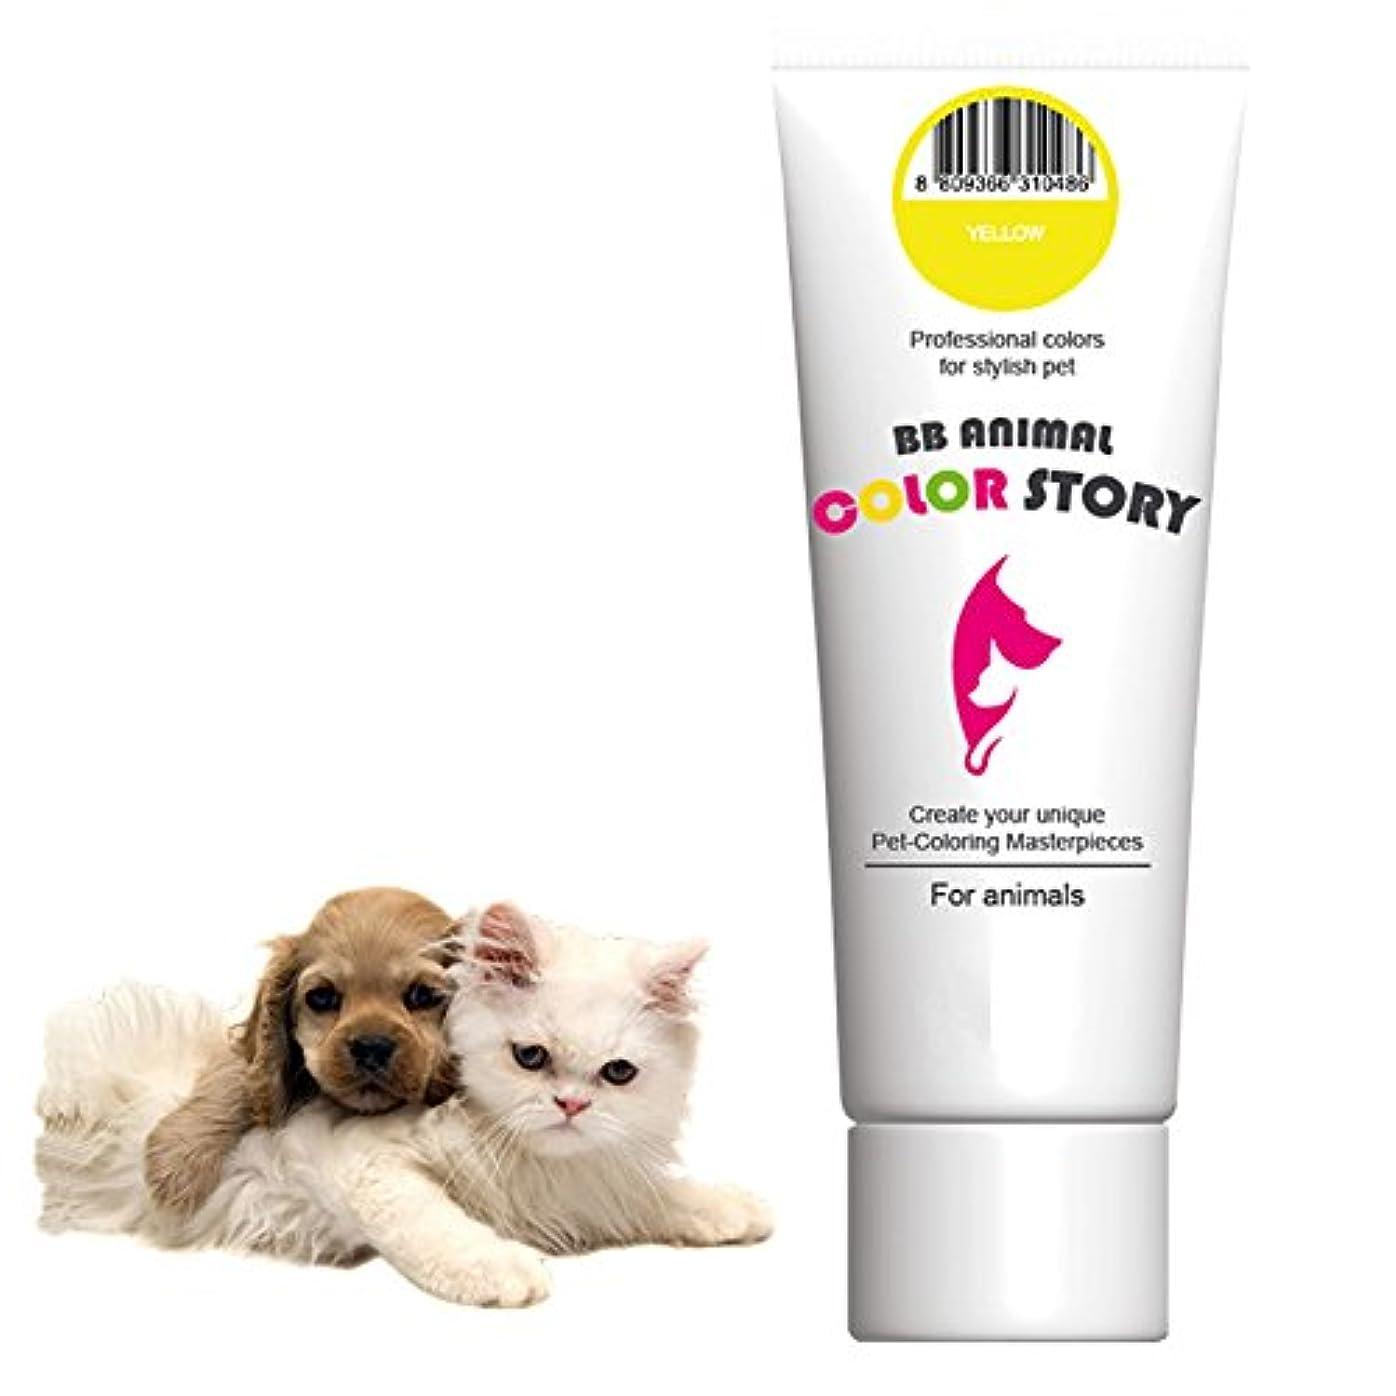 の間にうまれたショートカット毛染め, 犬ヘアダイ Yellow カラーリング Dog Hair Hair Bleach Dye Hair Coloring Professional Colors for Stylish Pet 50ml 並行輸入